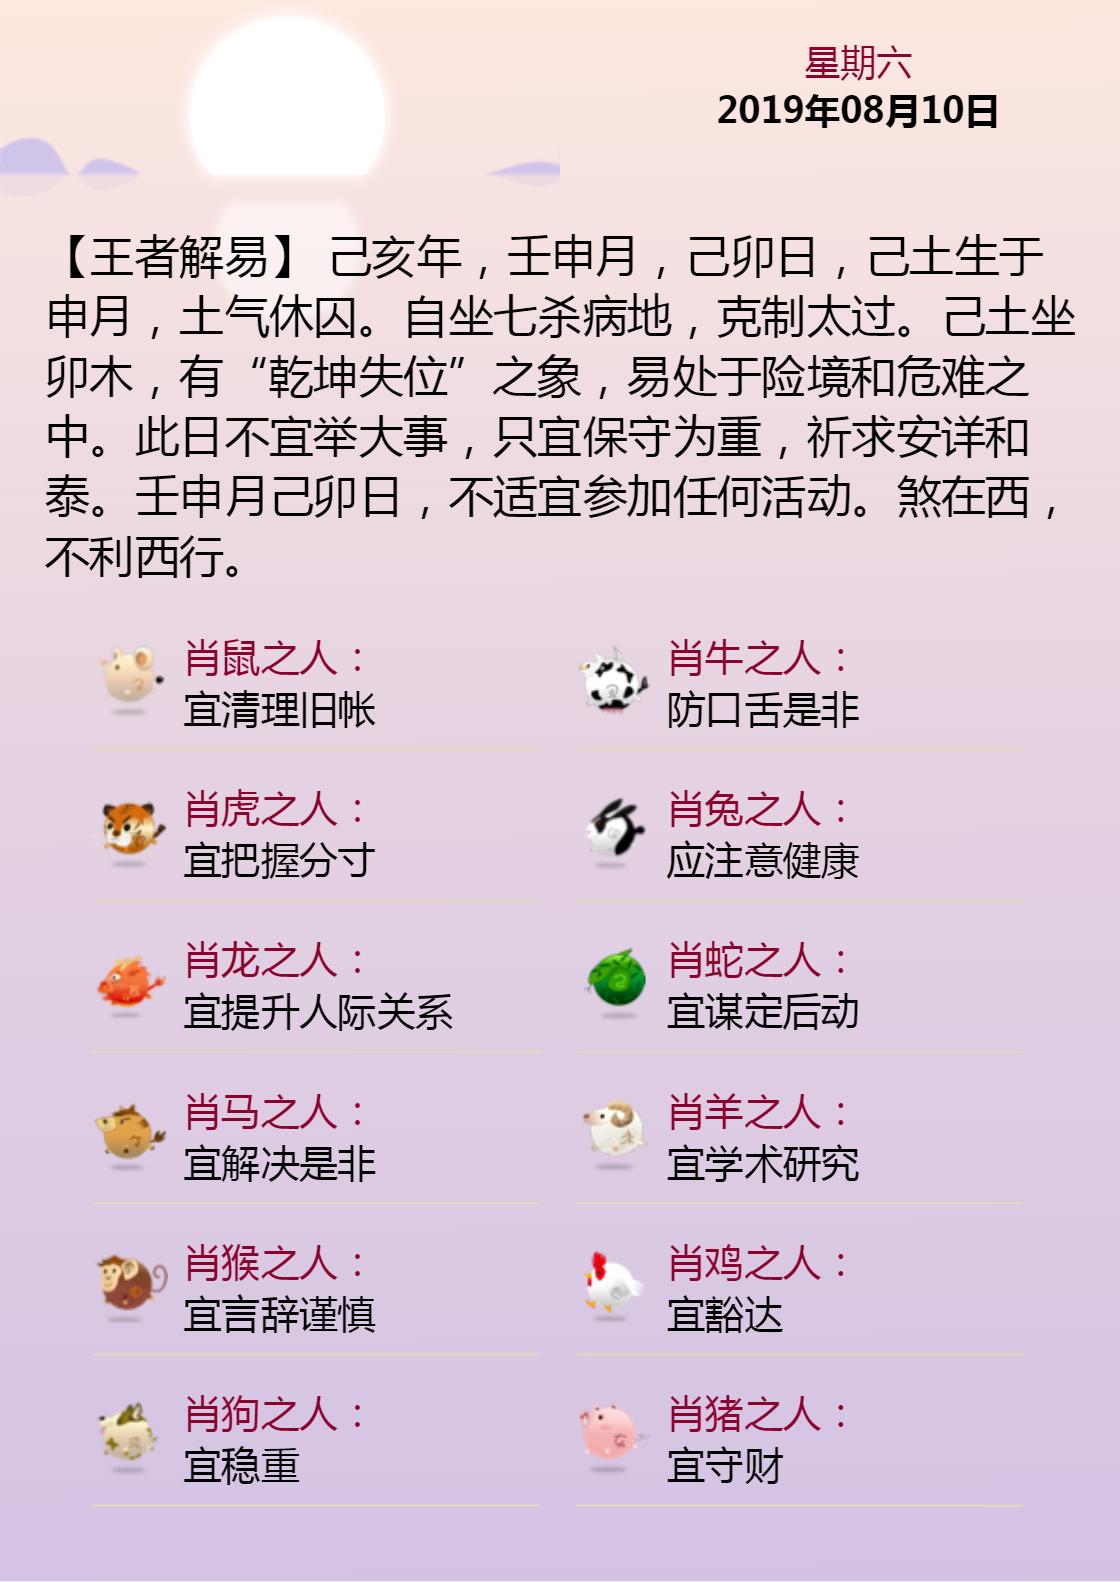 黄历海报20190810.png